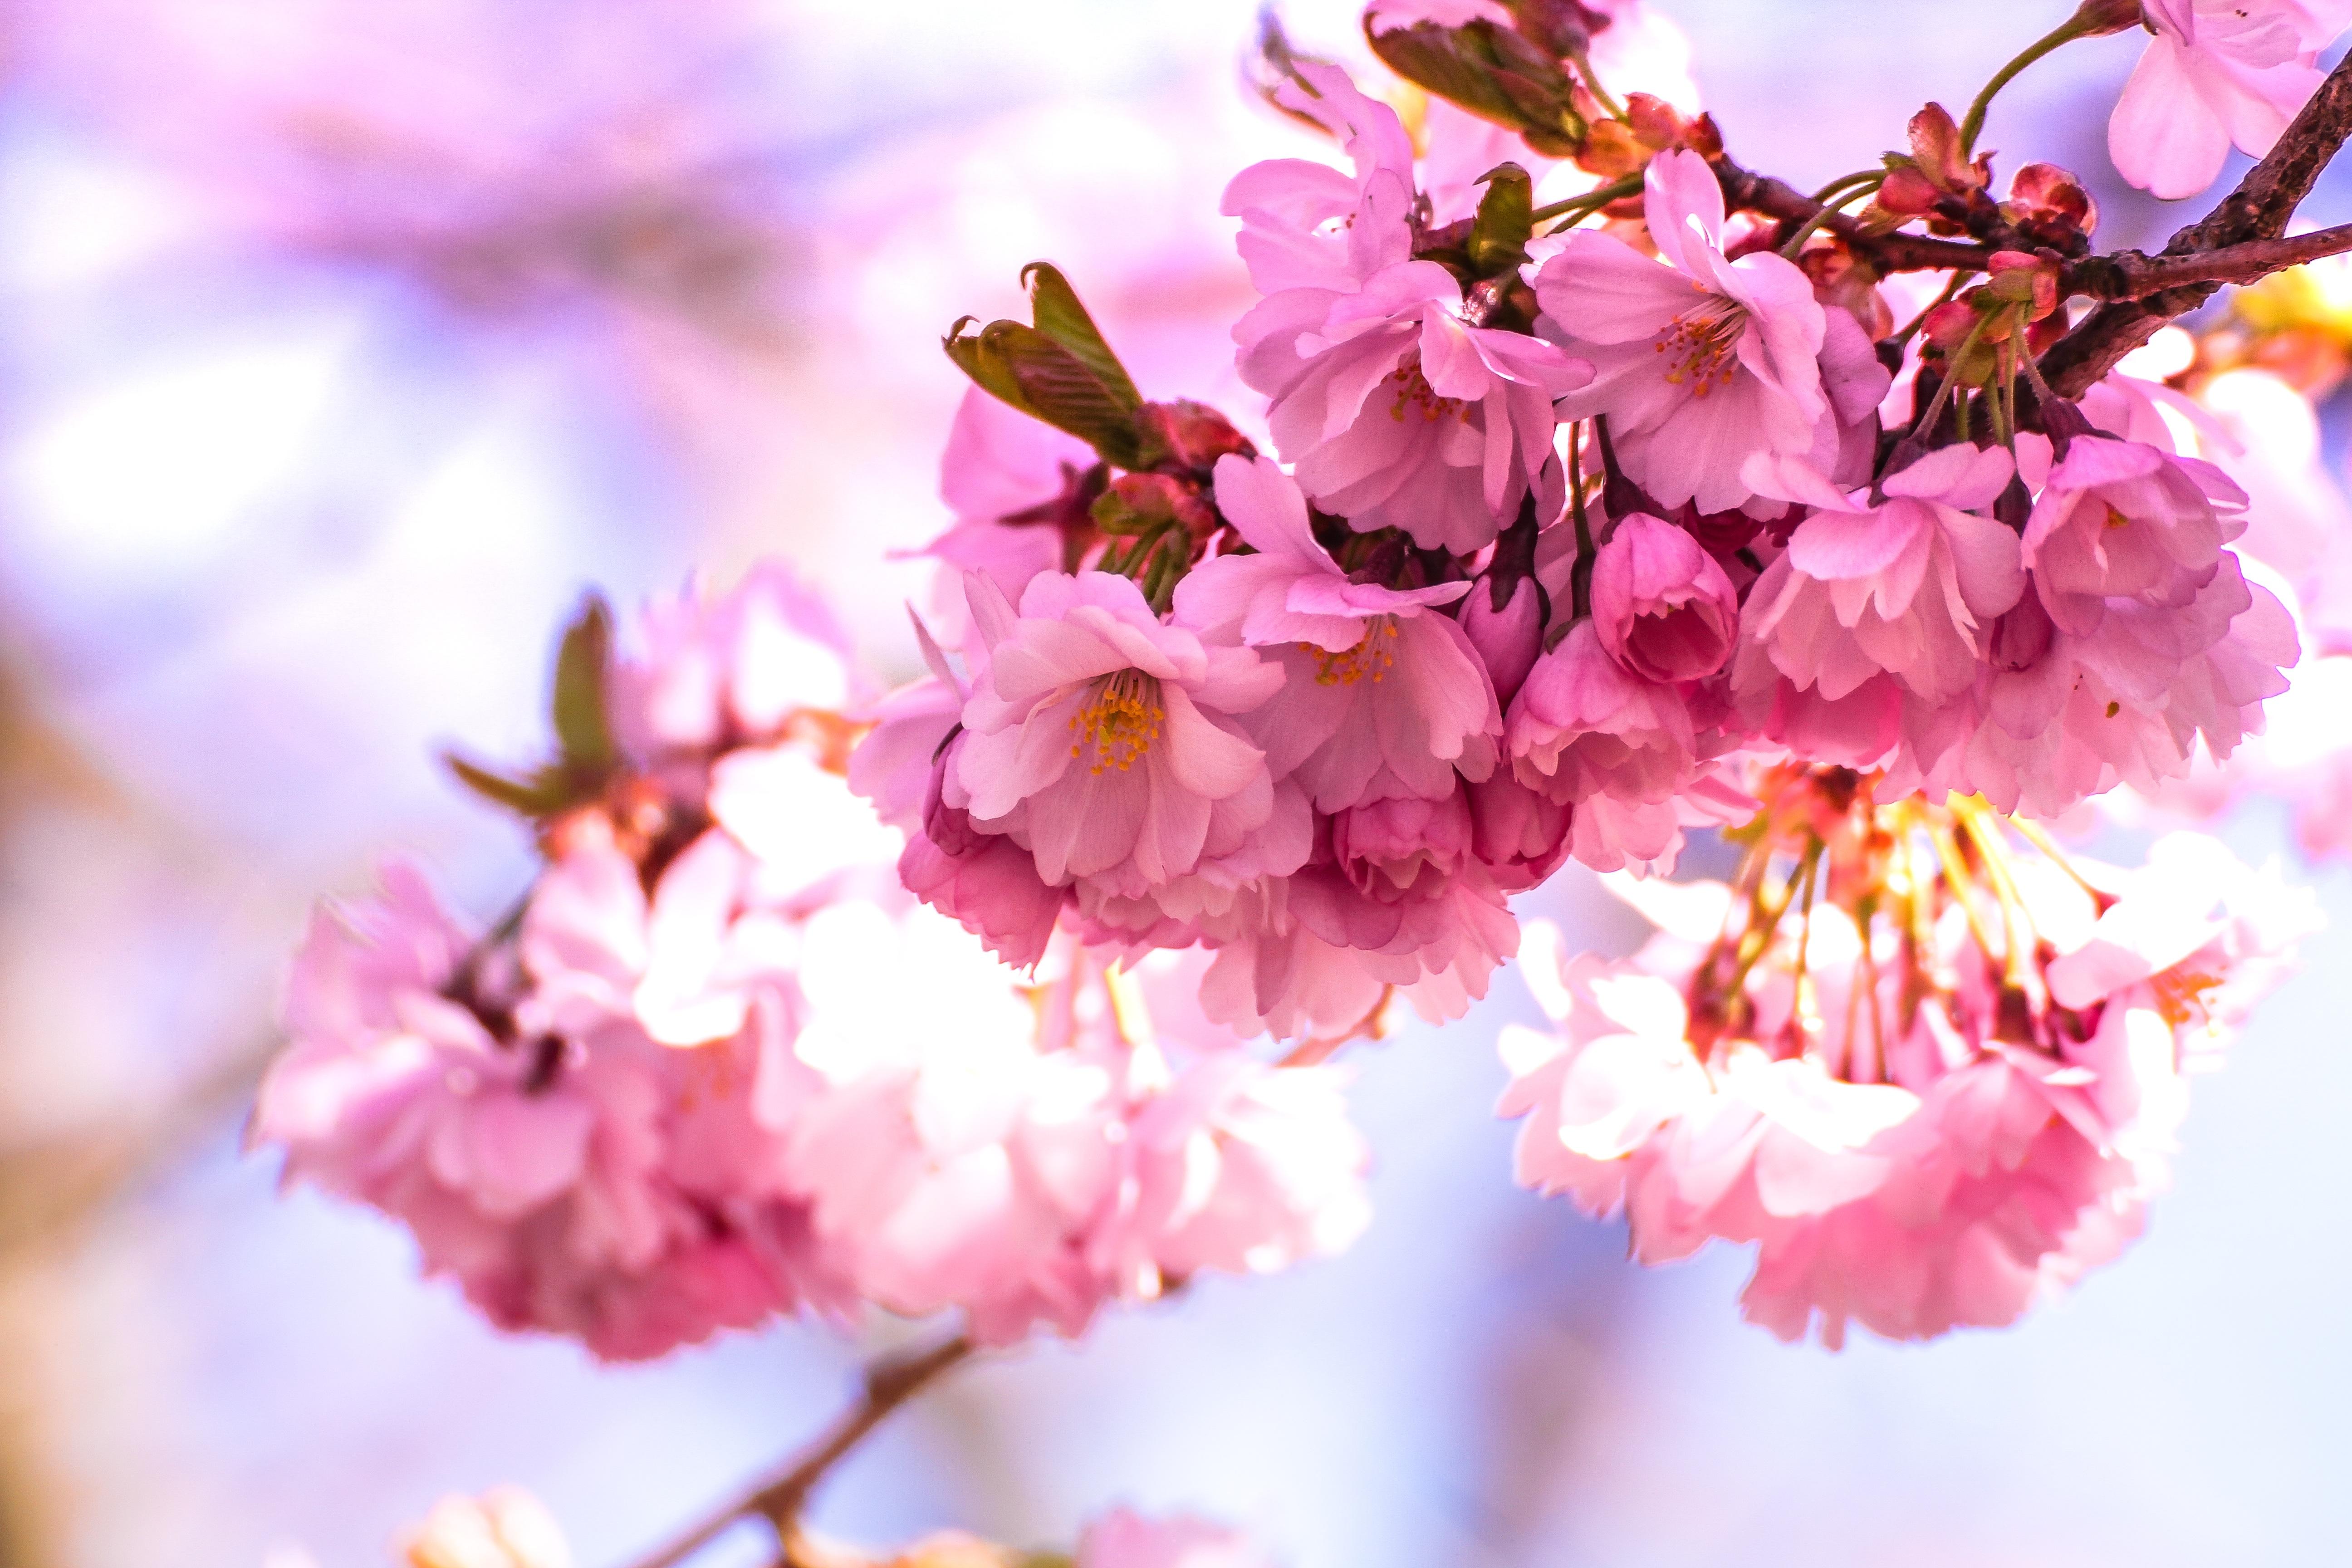 Gambar Berkembang Mekar Mengaburkan Bunga Sakura Merapatkan